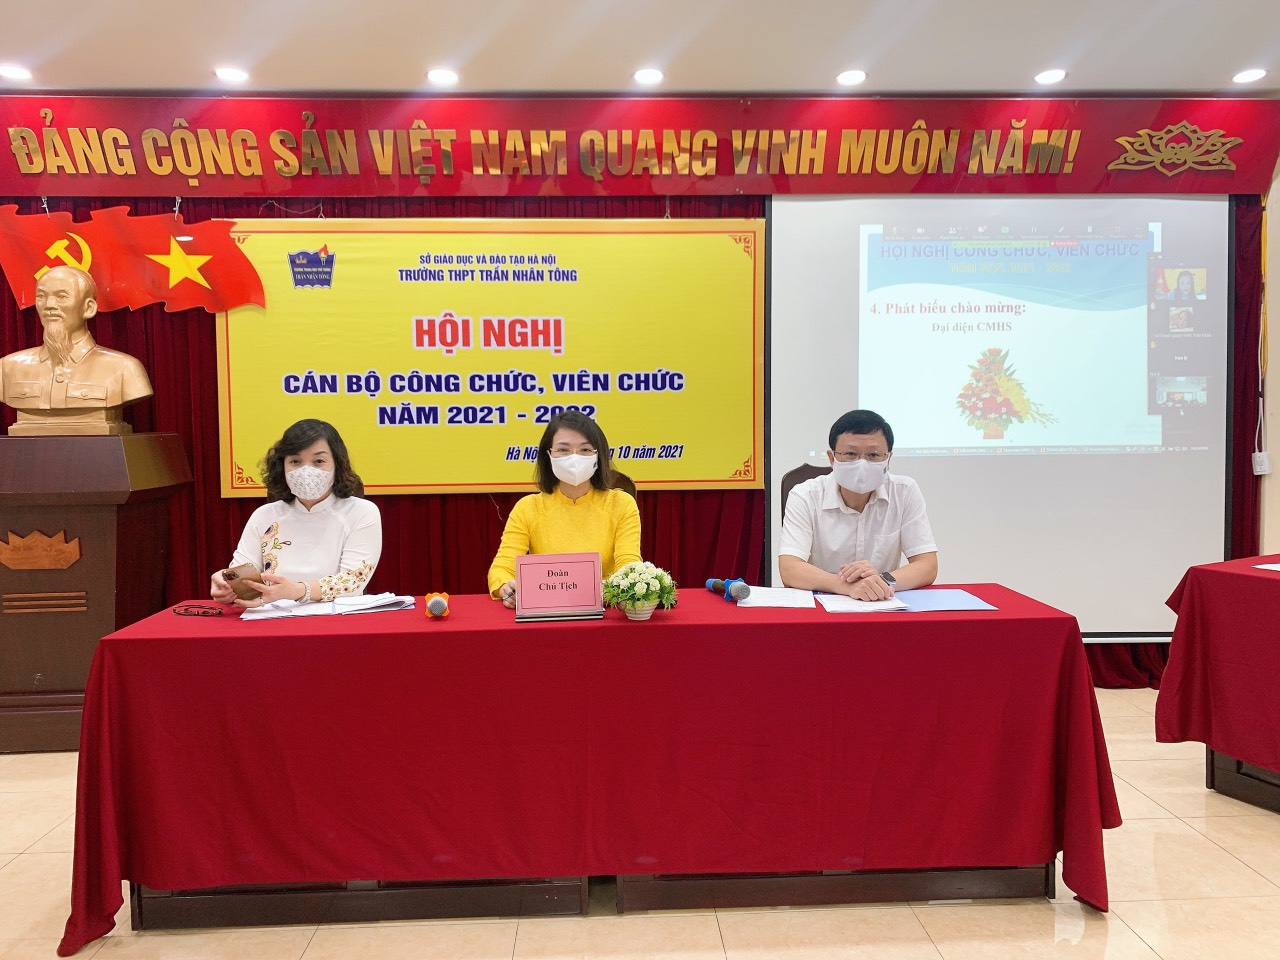 Hội nghị cán bộ công chức viên chức năm học 2021-2022